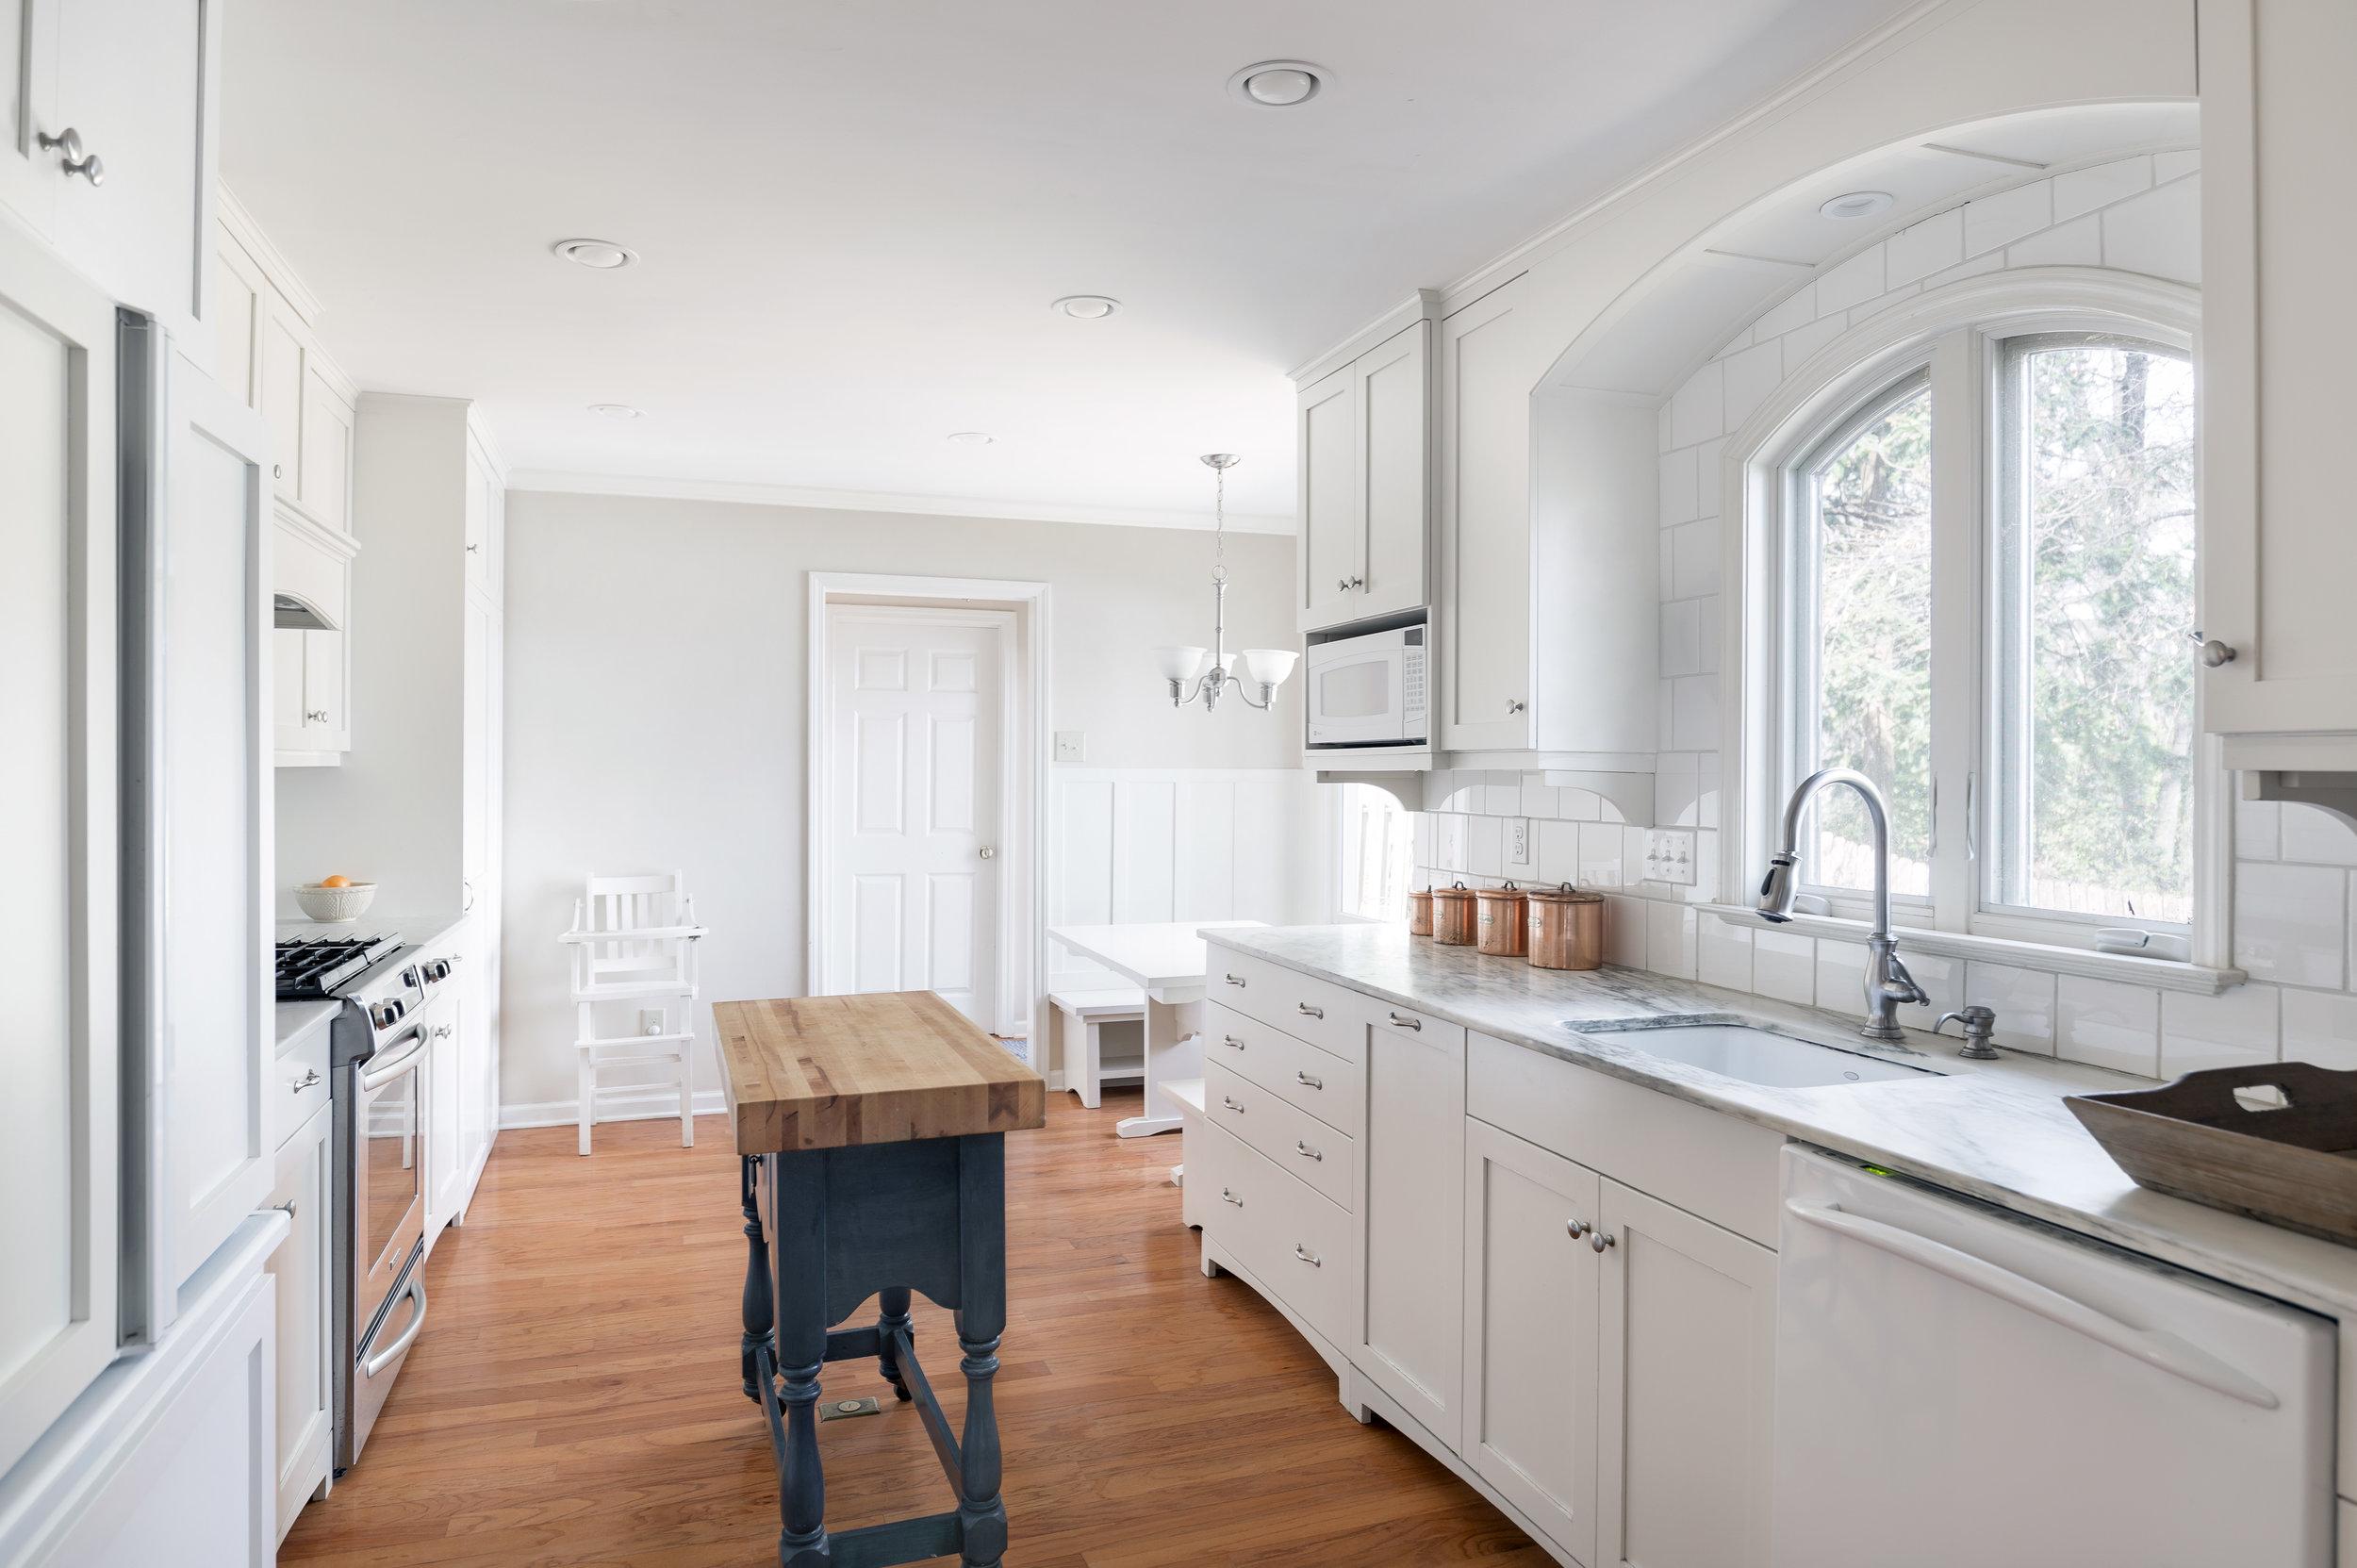 Homeworks_Bruton_Kitchen_01.1a.jpg